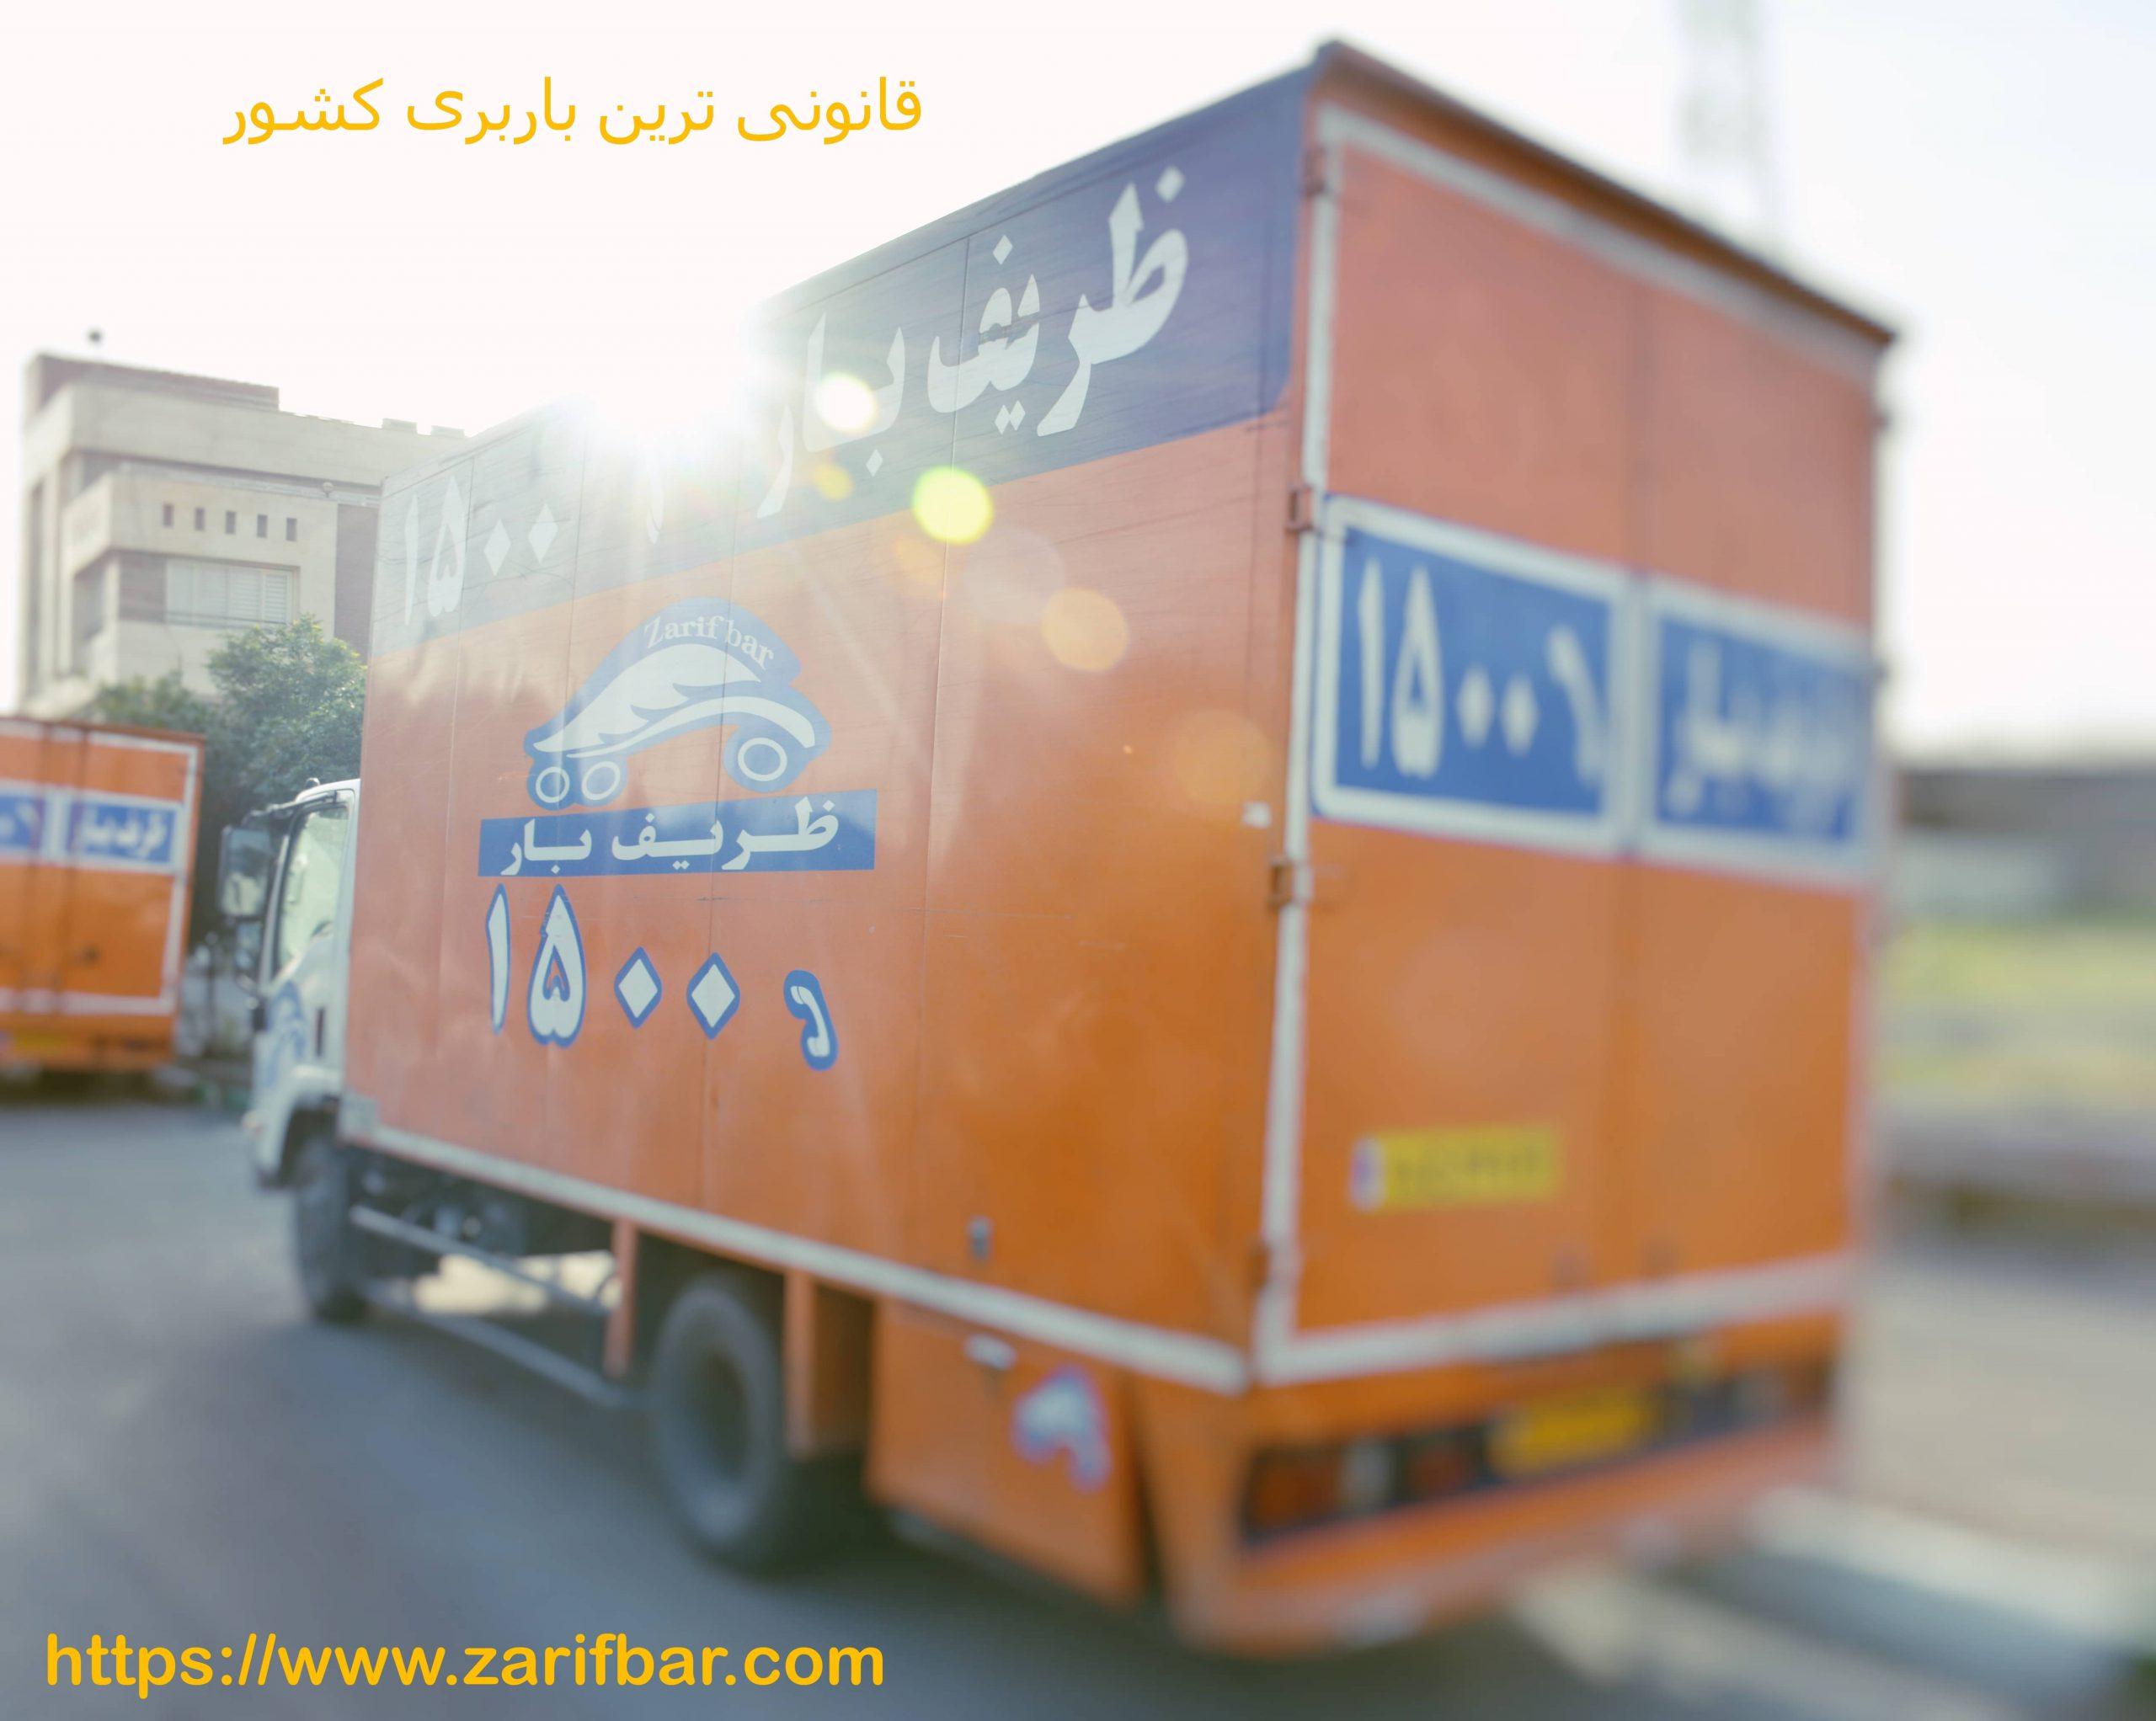 باربری مقرون به صرفه تهران